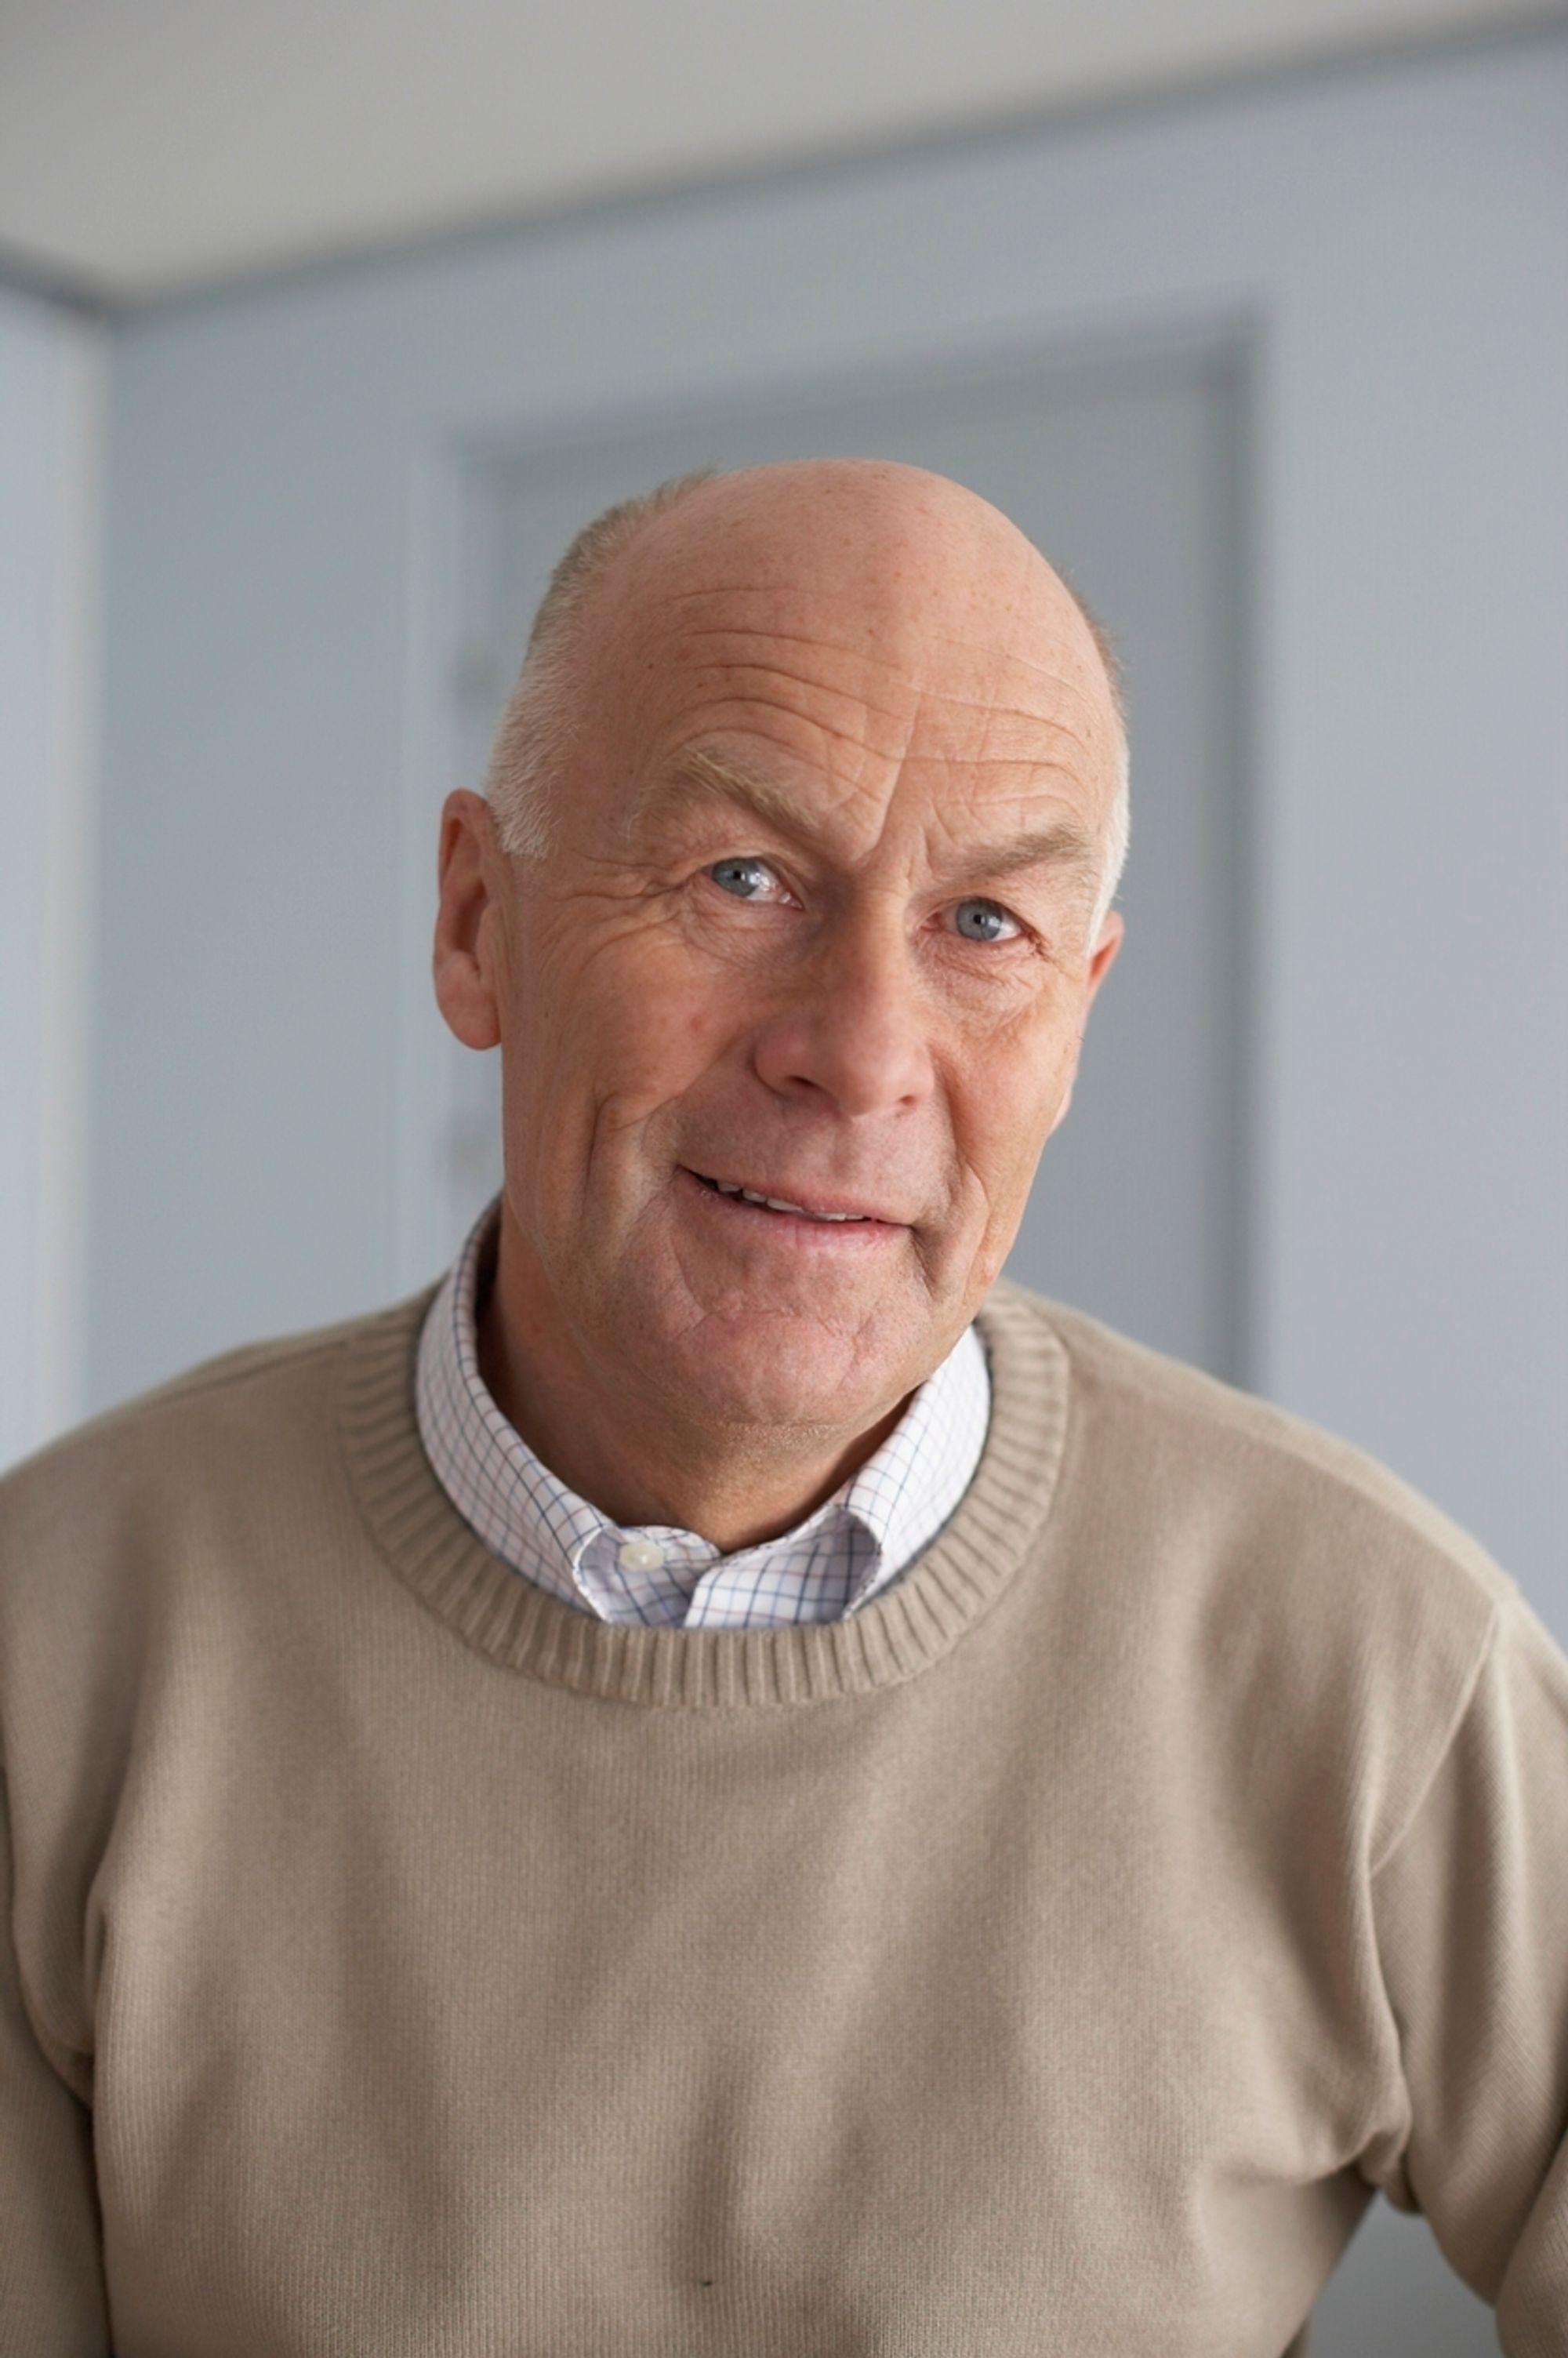 LANGSIKTIG: Seriøsitet i byggenæringen er et langsiktig prosjekt, sier Sverre Larssen, administrerende direktør i BNL.